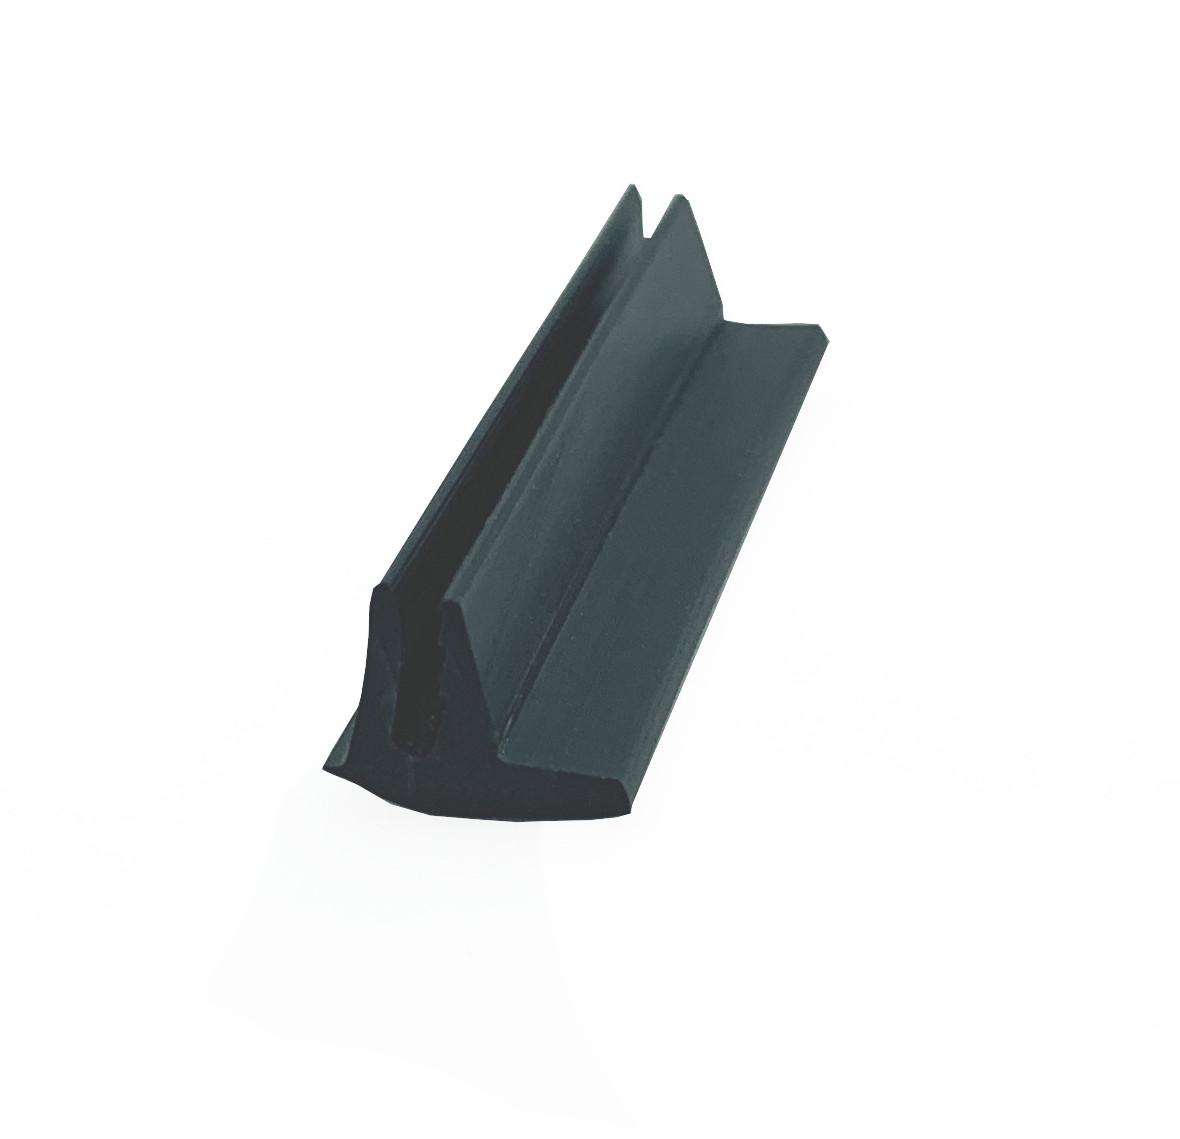 Вставка декоративна для натяжної стелі Вузька, чорна А1 (ширина 9 мм, матова, 2 зуба)